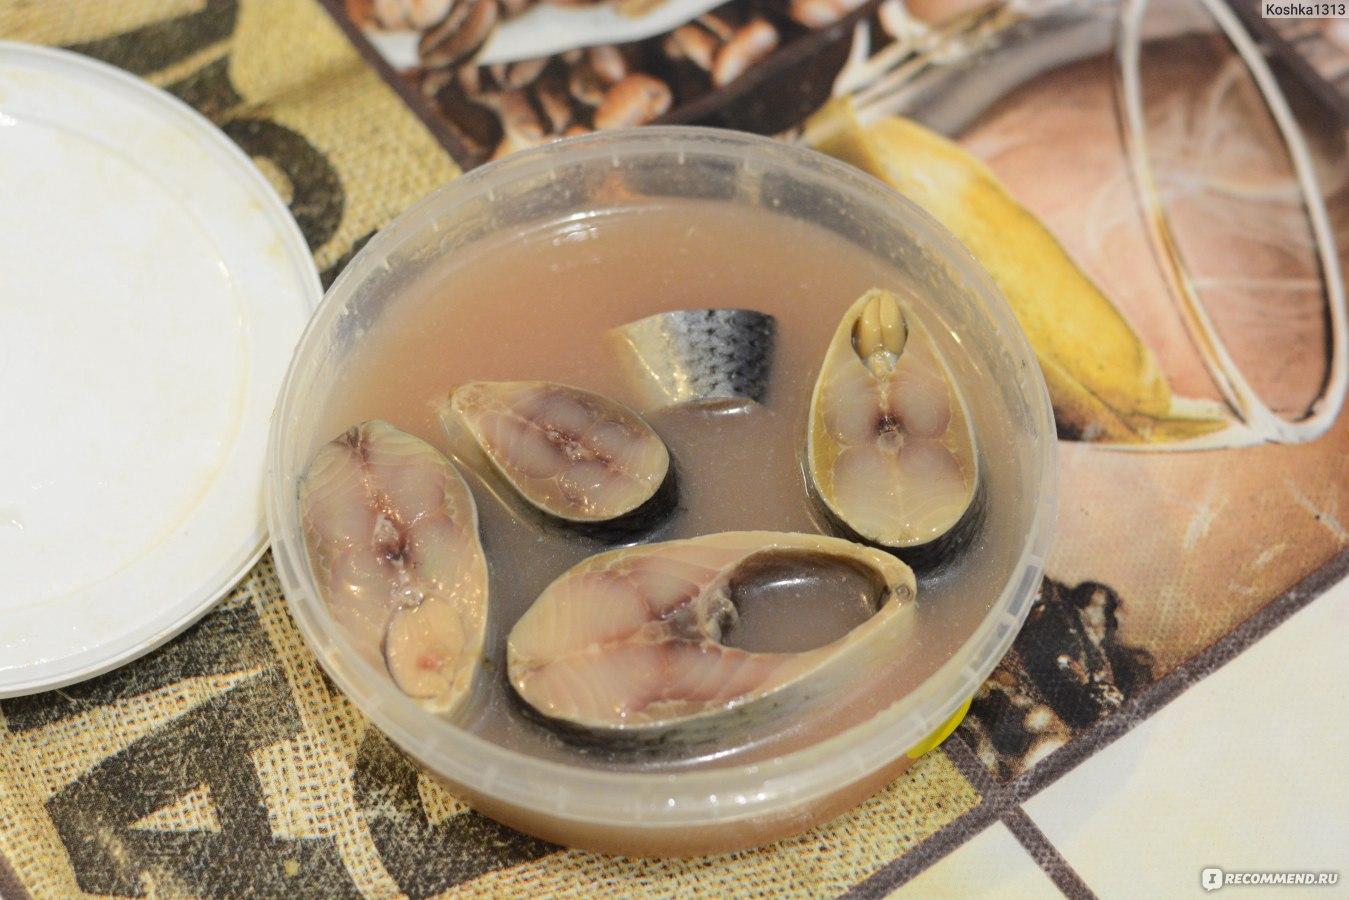 Как сделать суши в домашних условиях: рецепты пошагово с фото 42